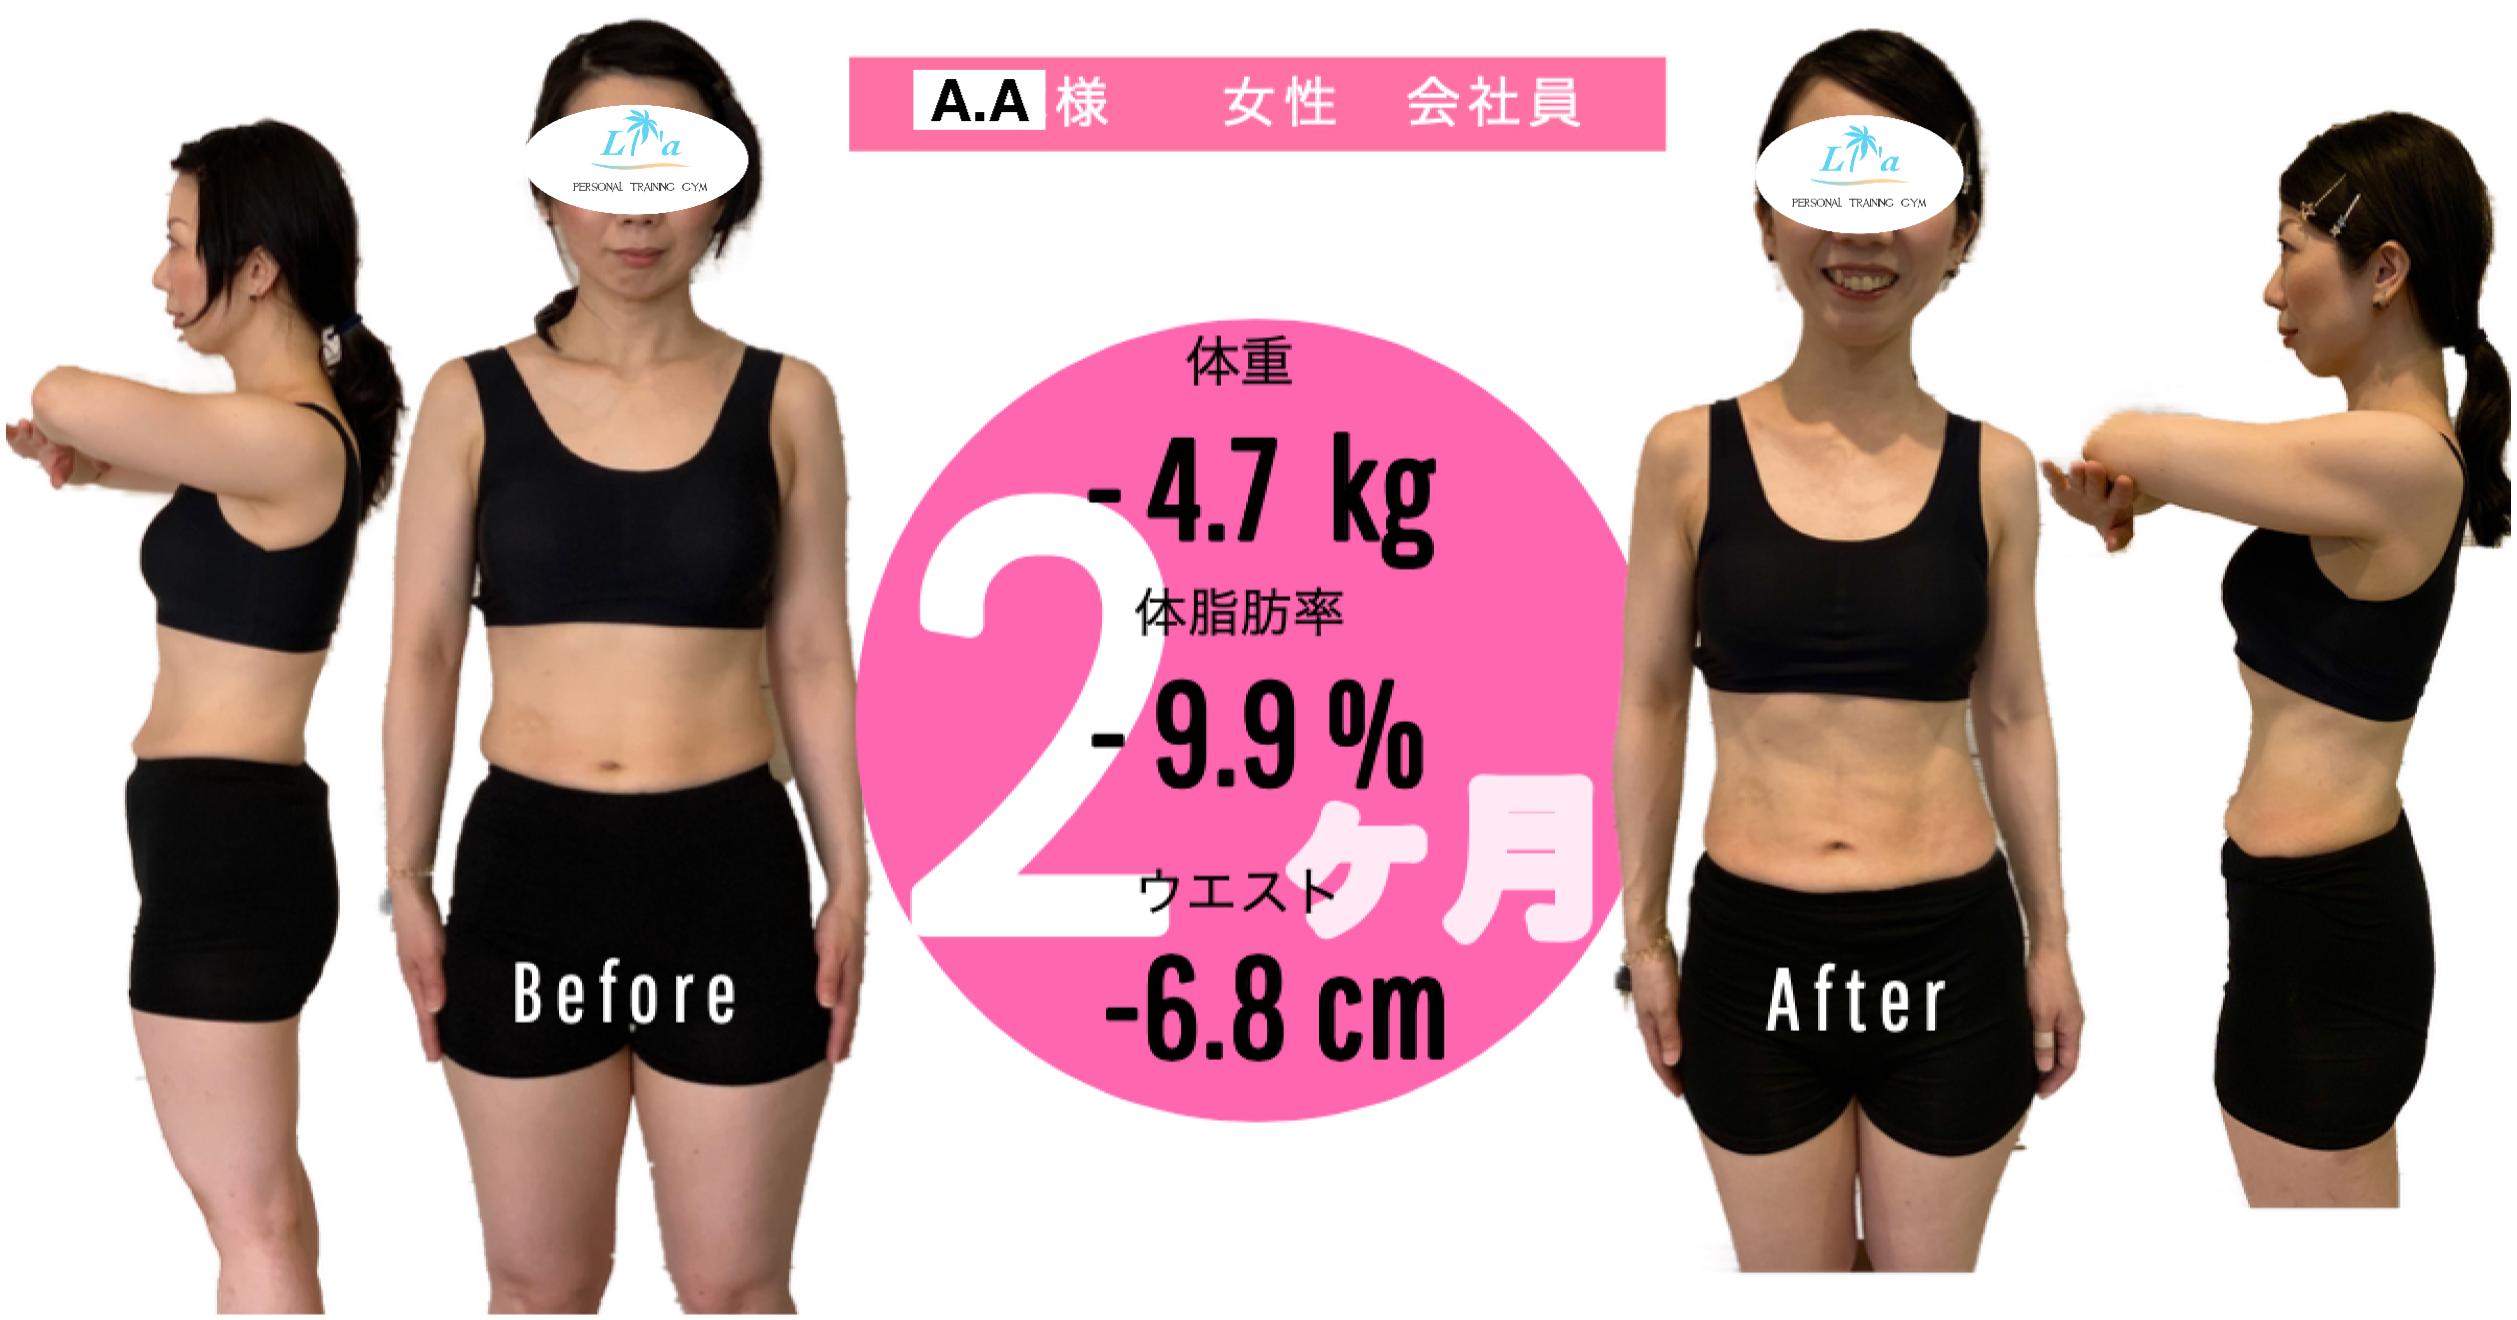 青木様 会社員 体重-4.7kg 体脂肪率-9.9% ウエスト-6.8kg 女性の比較写真